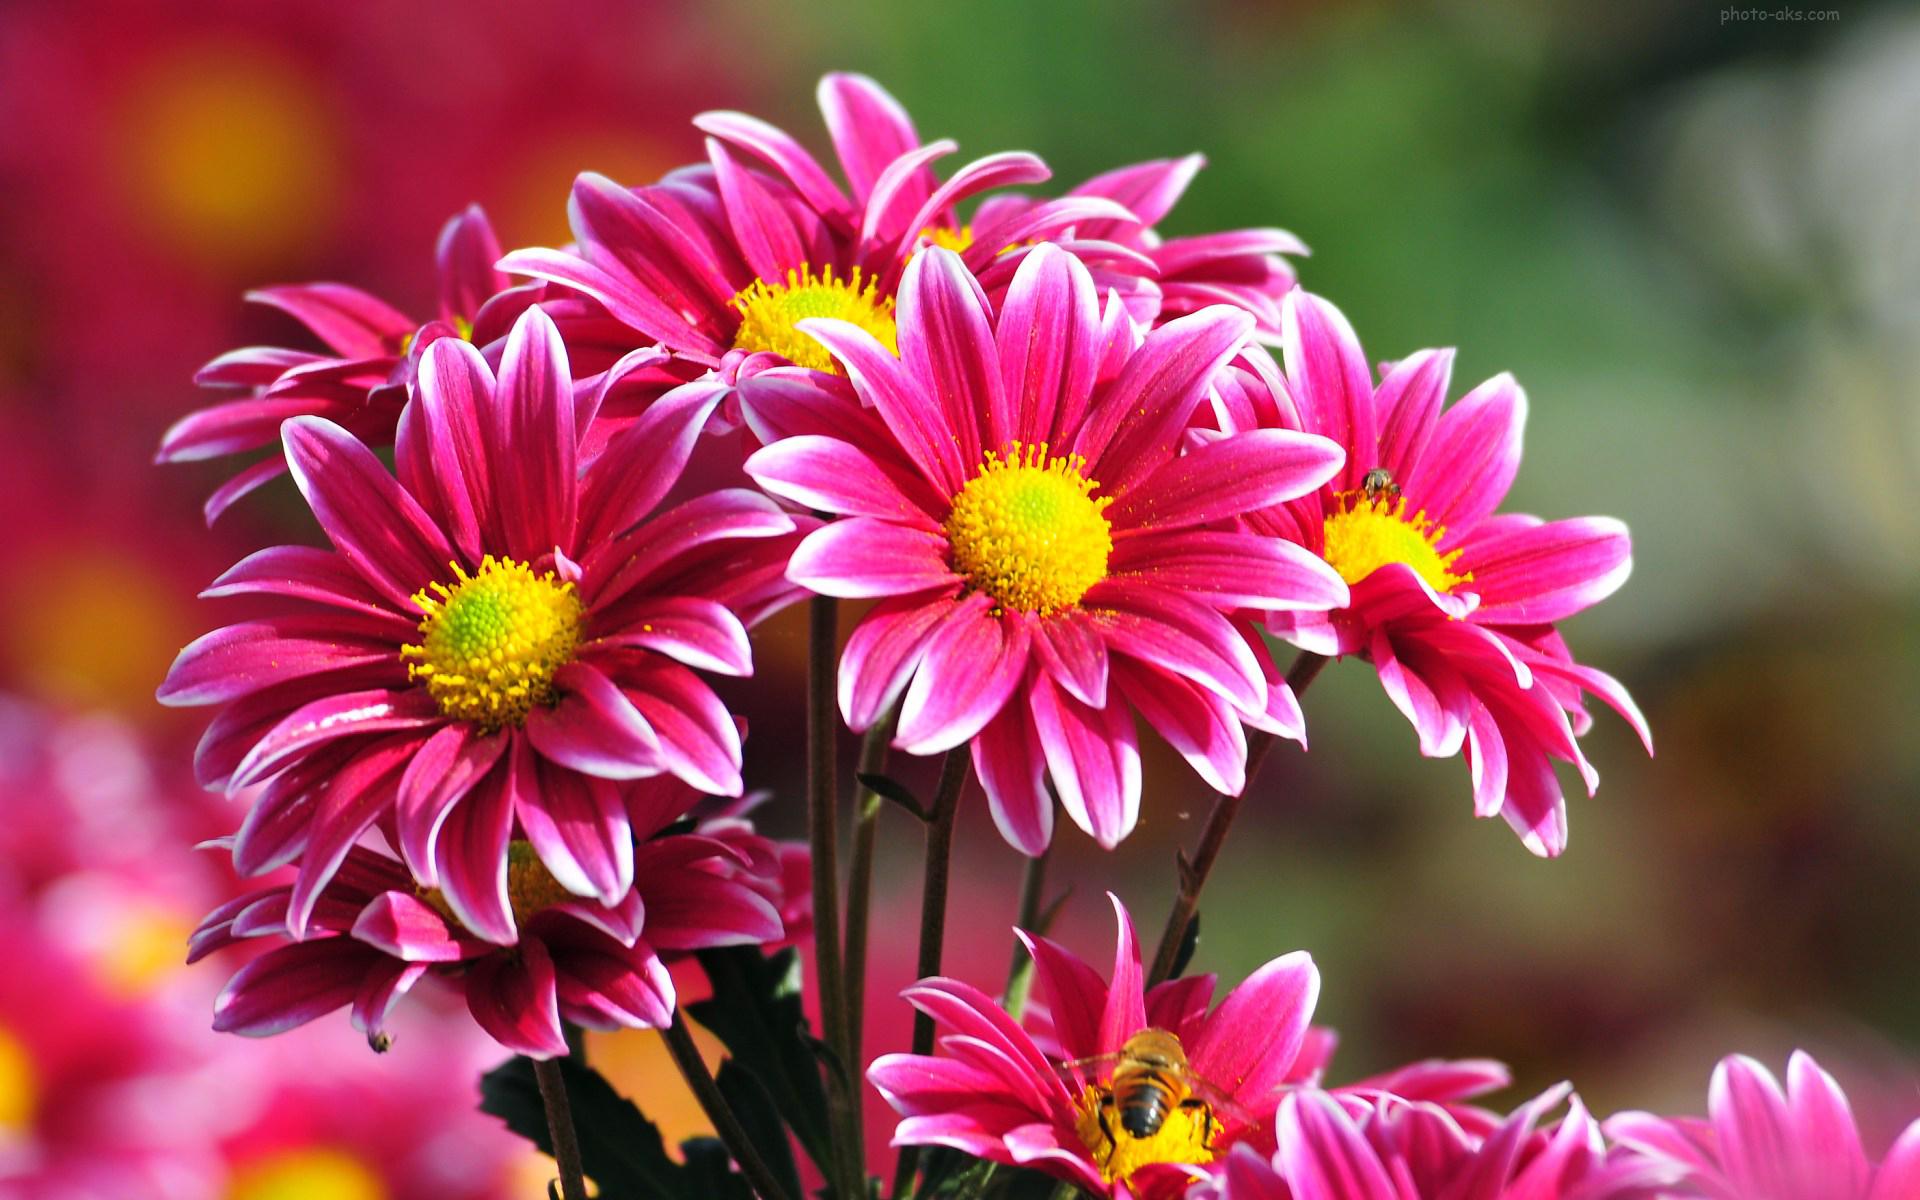 طبیعت - گل ها - سایر گل ها